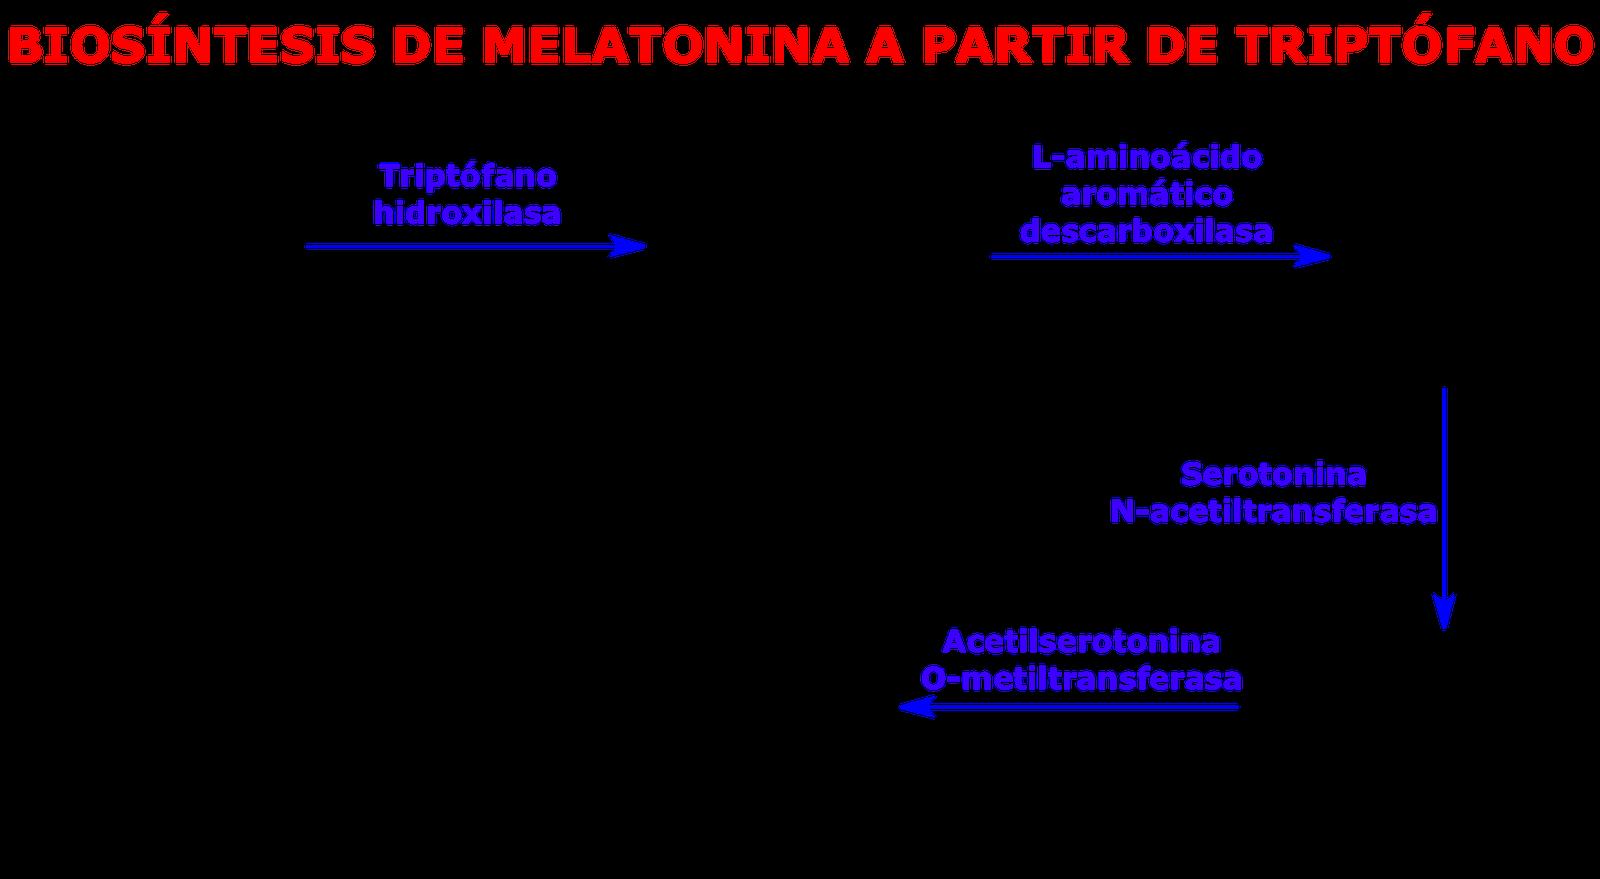 Resultado de imagen de triptofano melatonina